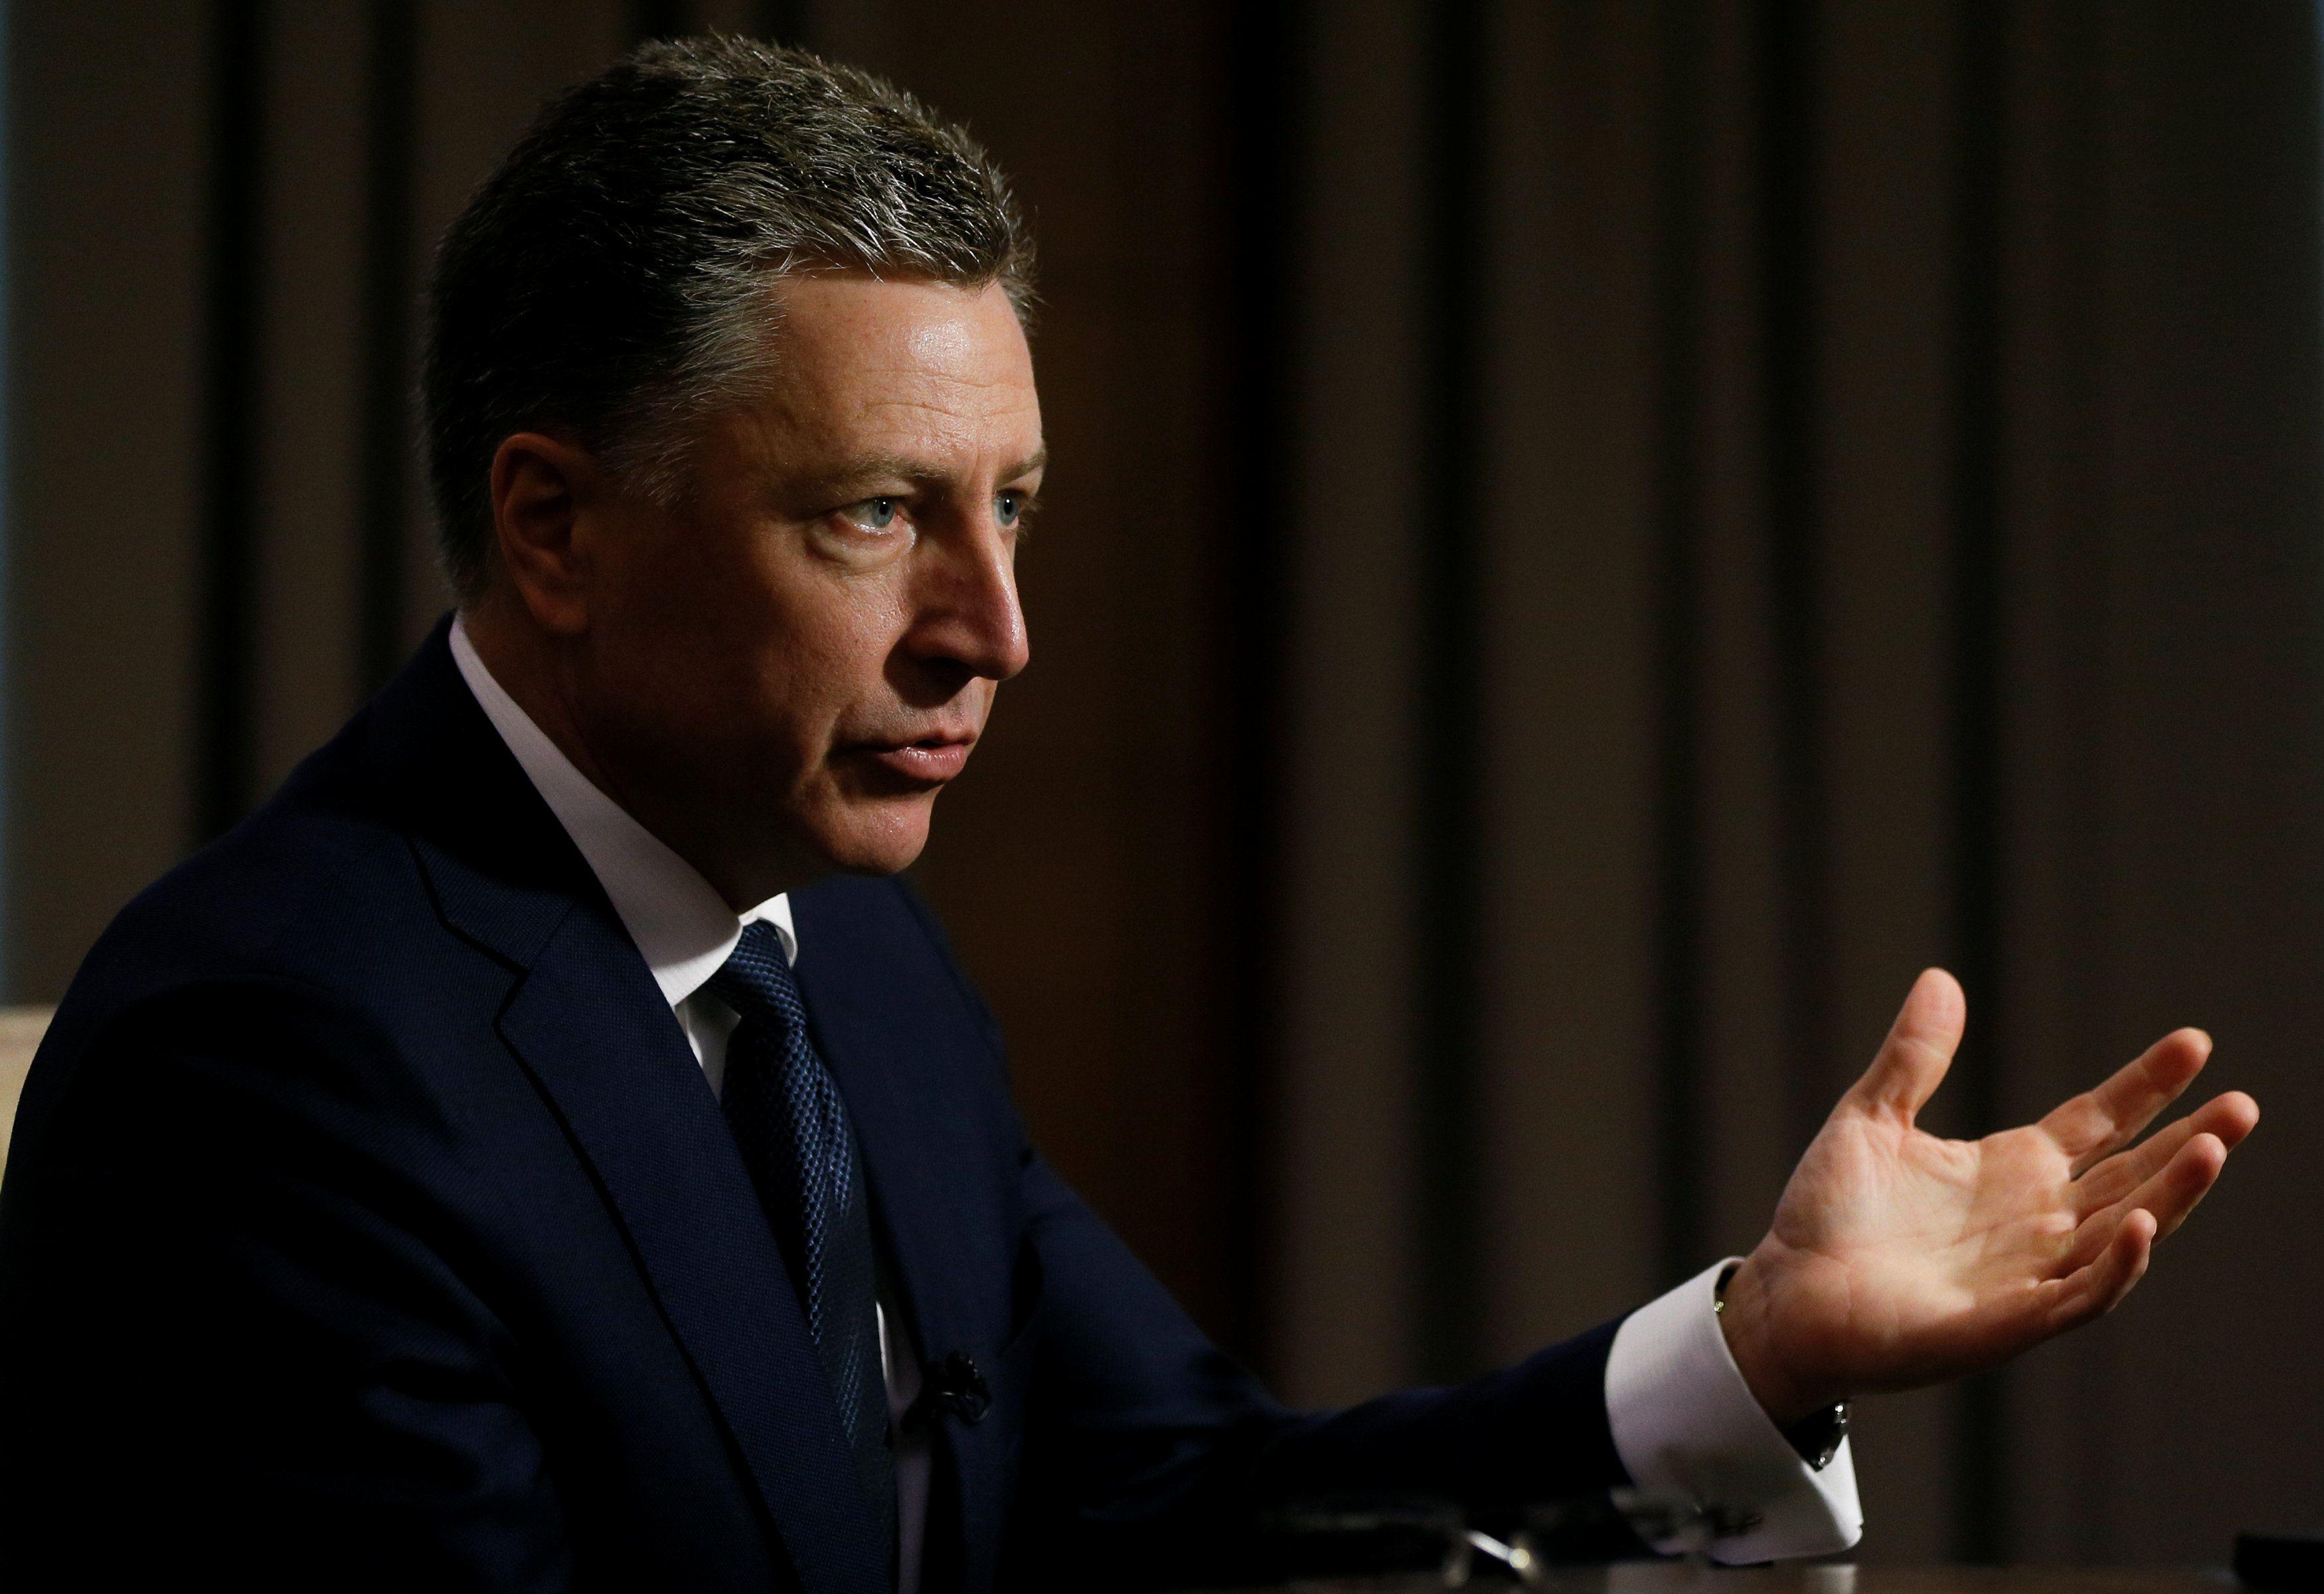 Курт Волкер сообщил, что США могут продать Украине дополнительное военное оборудование